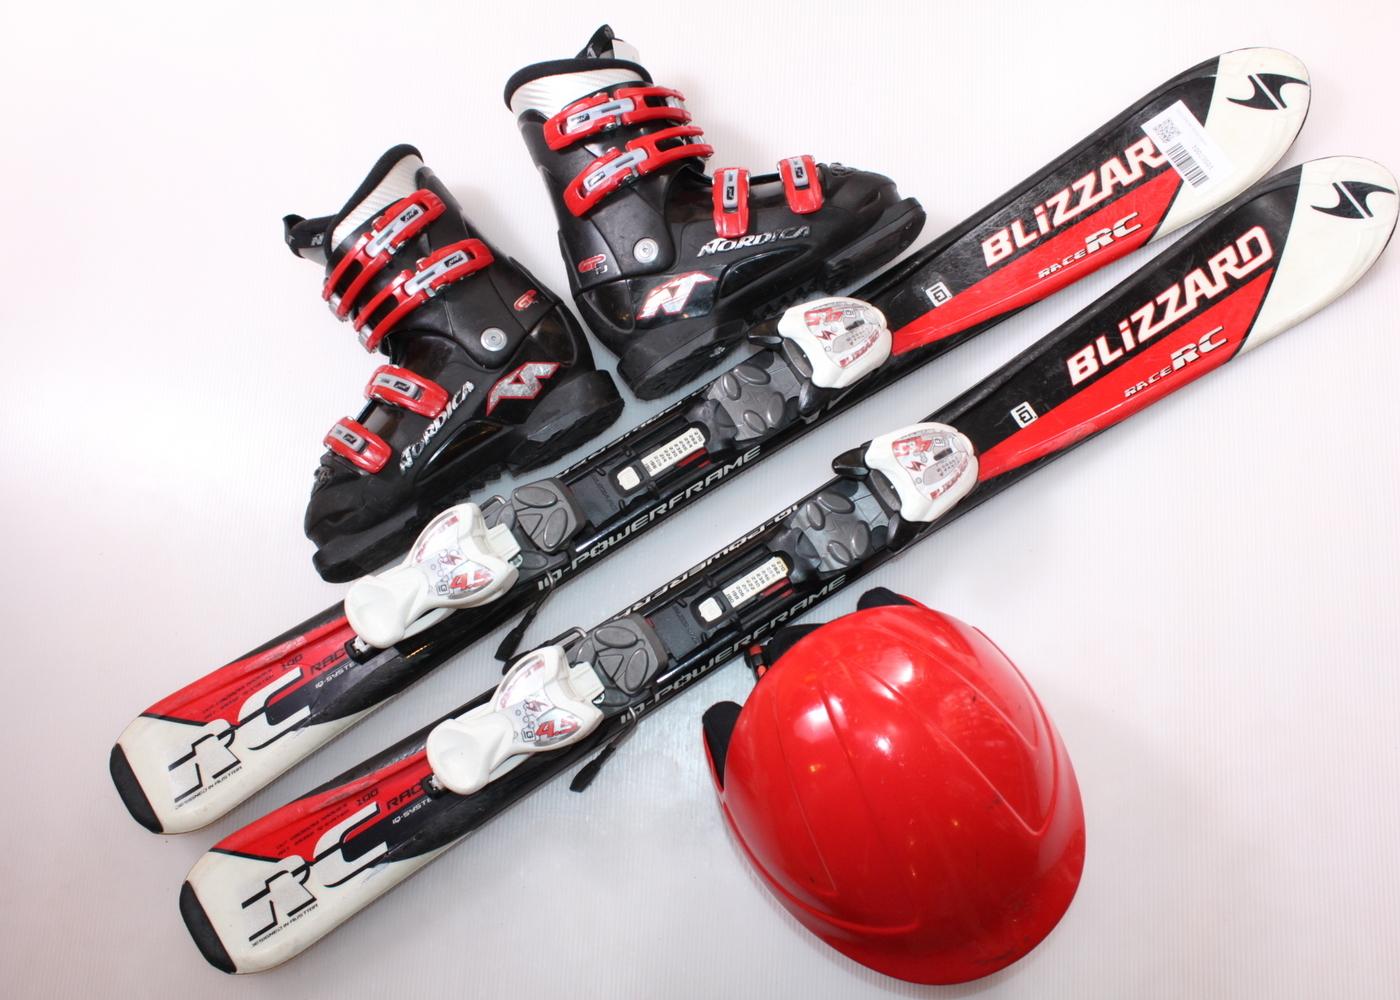 Dětské lyže BLIZZARD RC RACE 100 cm + lyžáky  30.5EU + helma